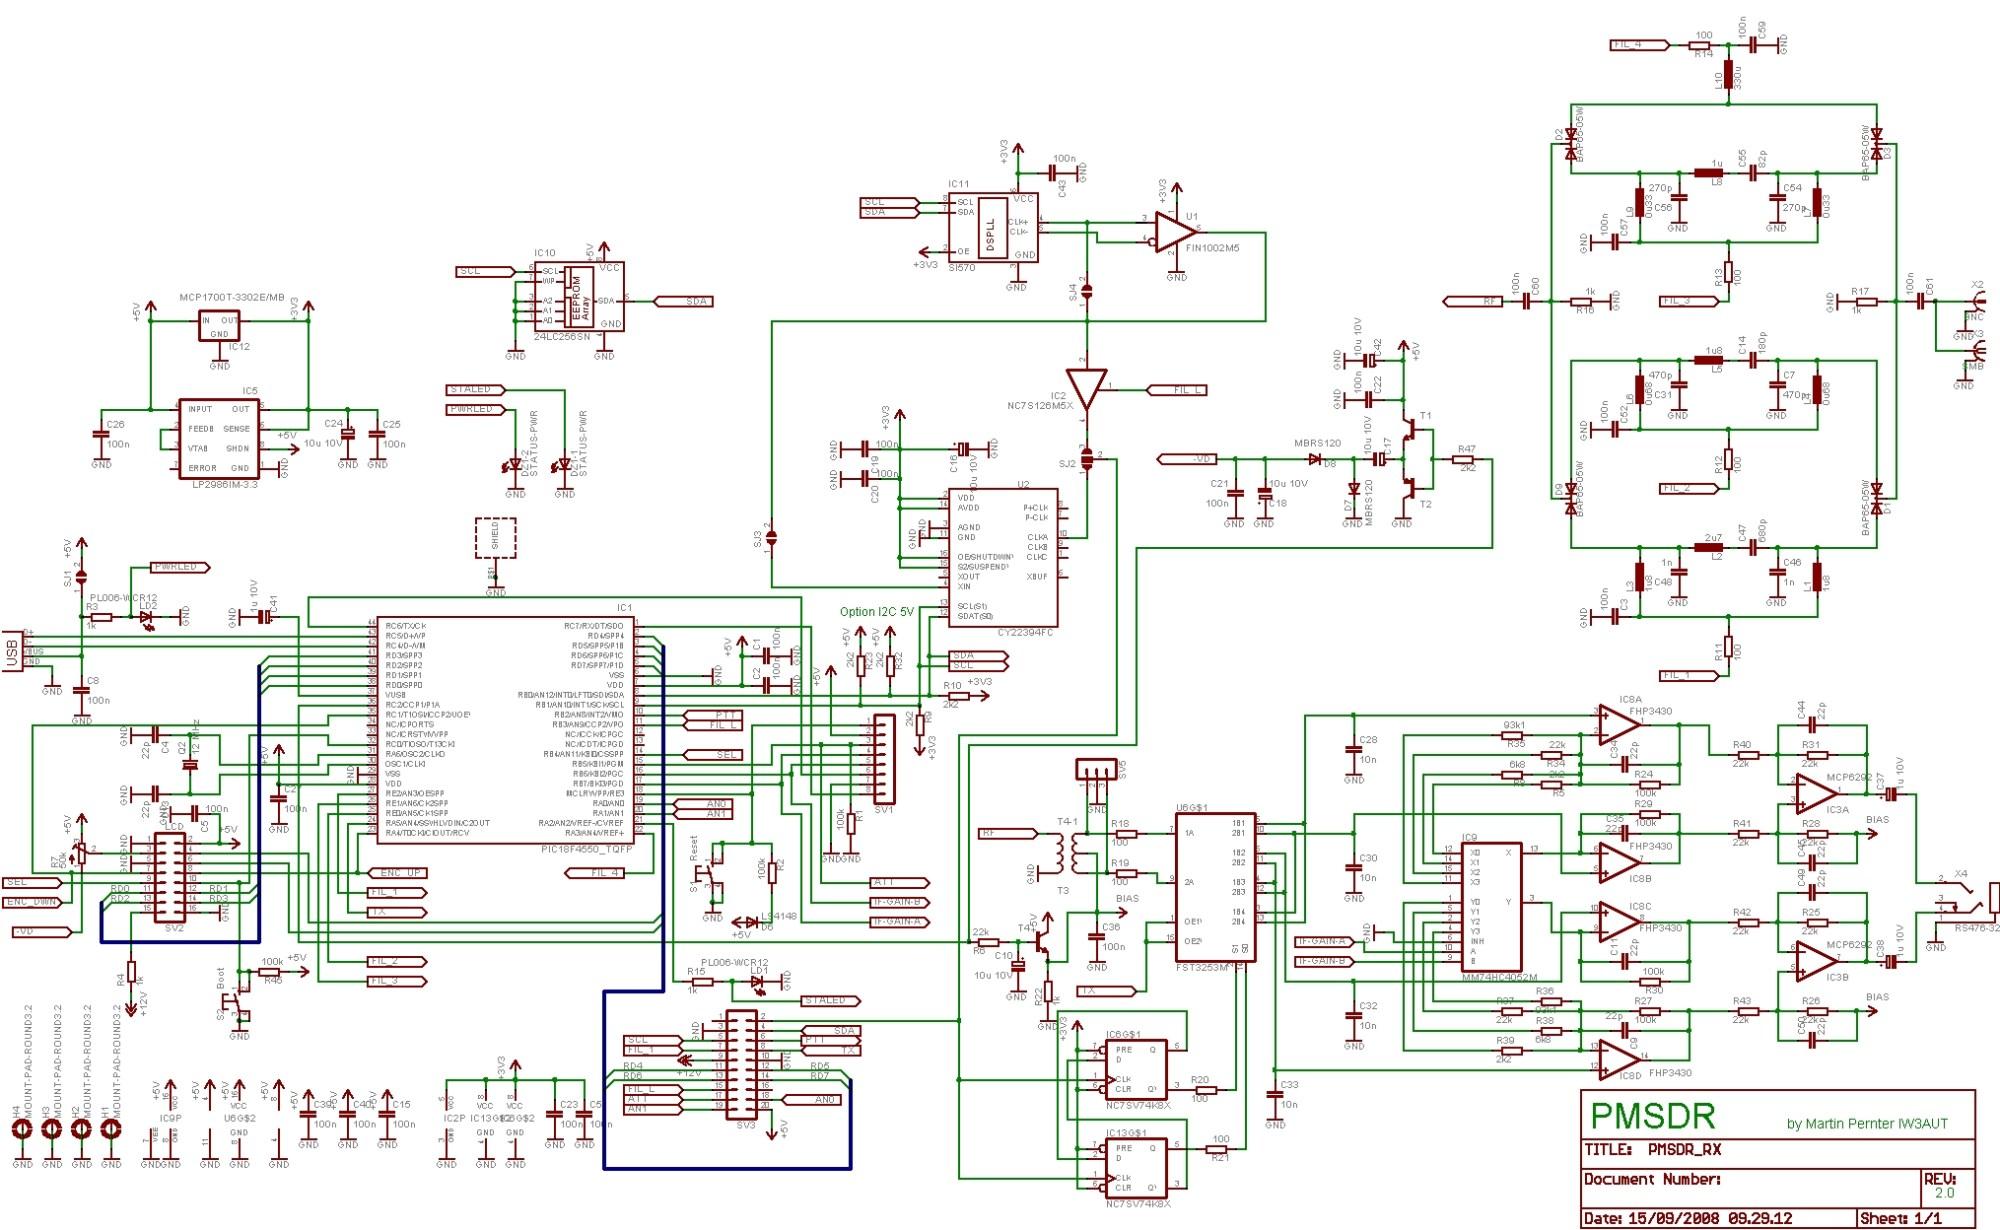 hight resolution of sdr radio schematics wiring diagram list sdr radio schematics